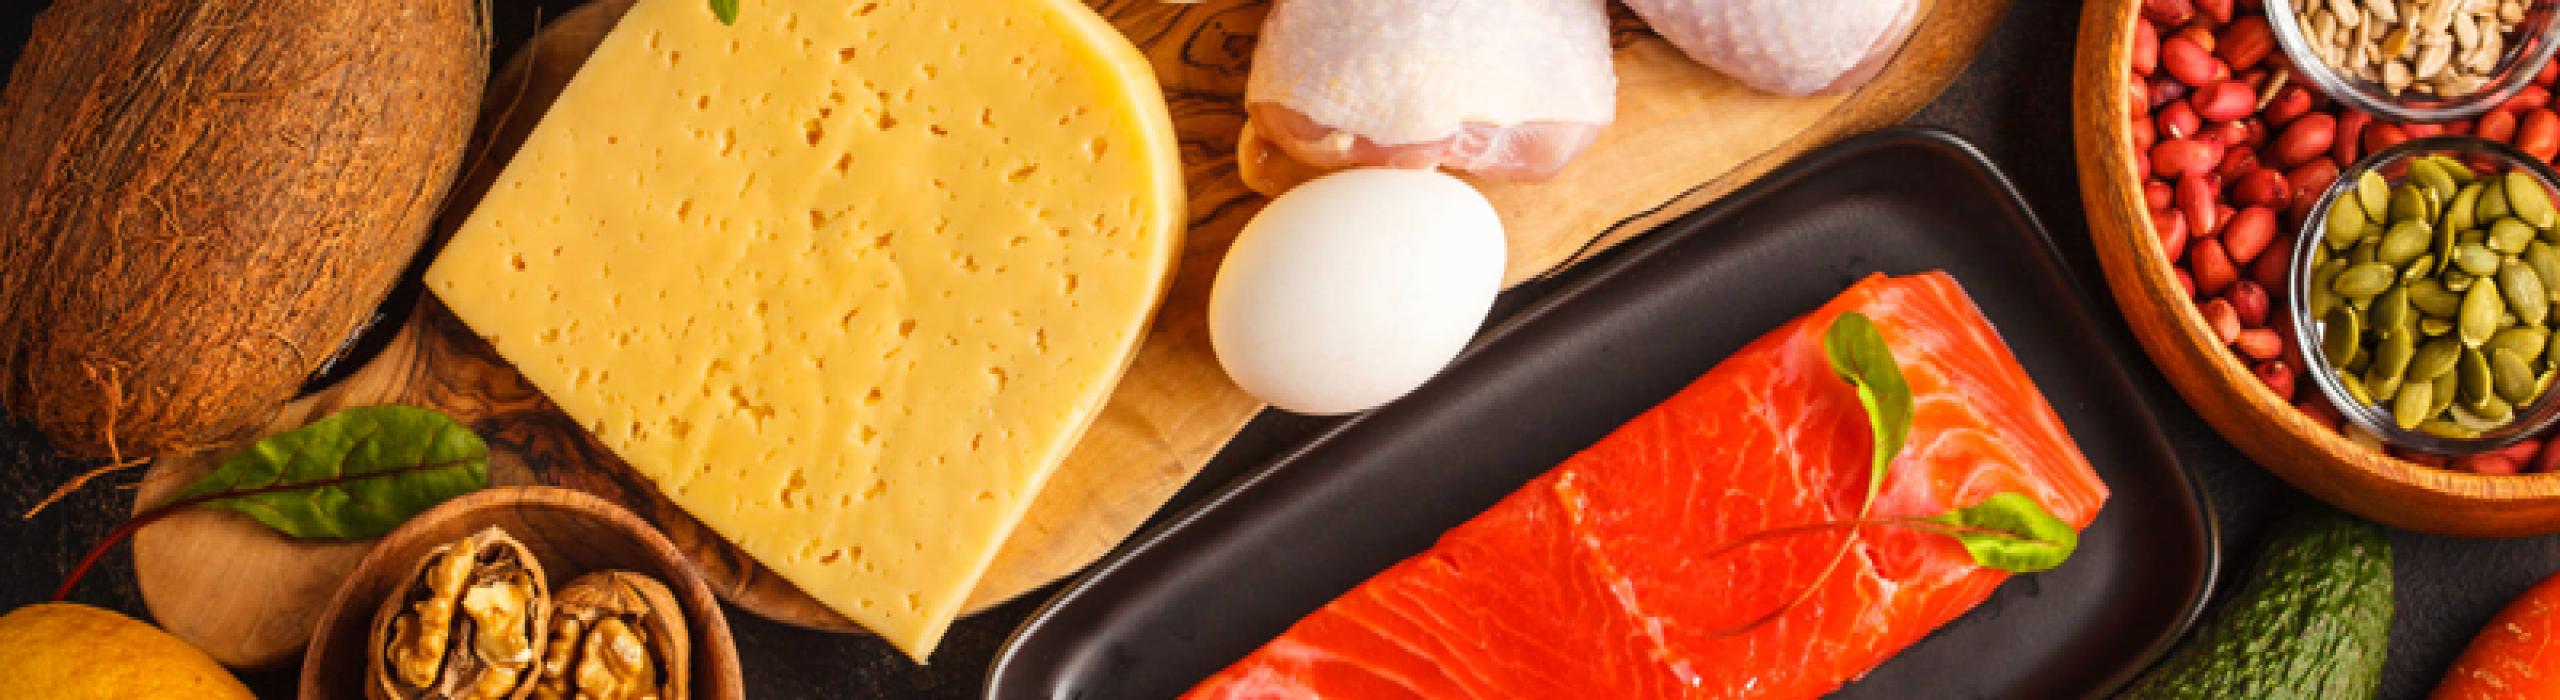 Os maiores erros da dieta cetogênica